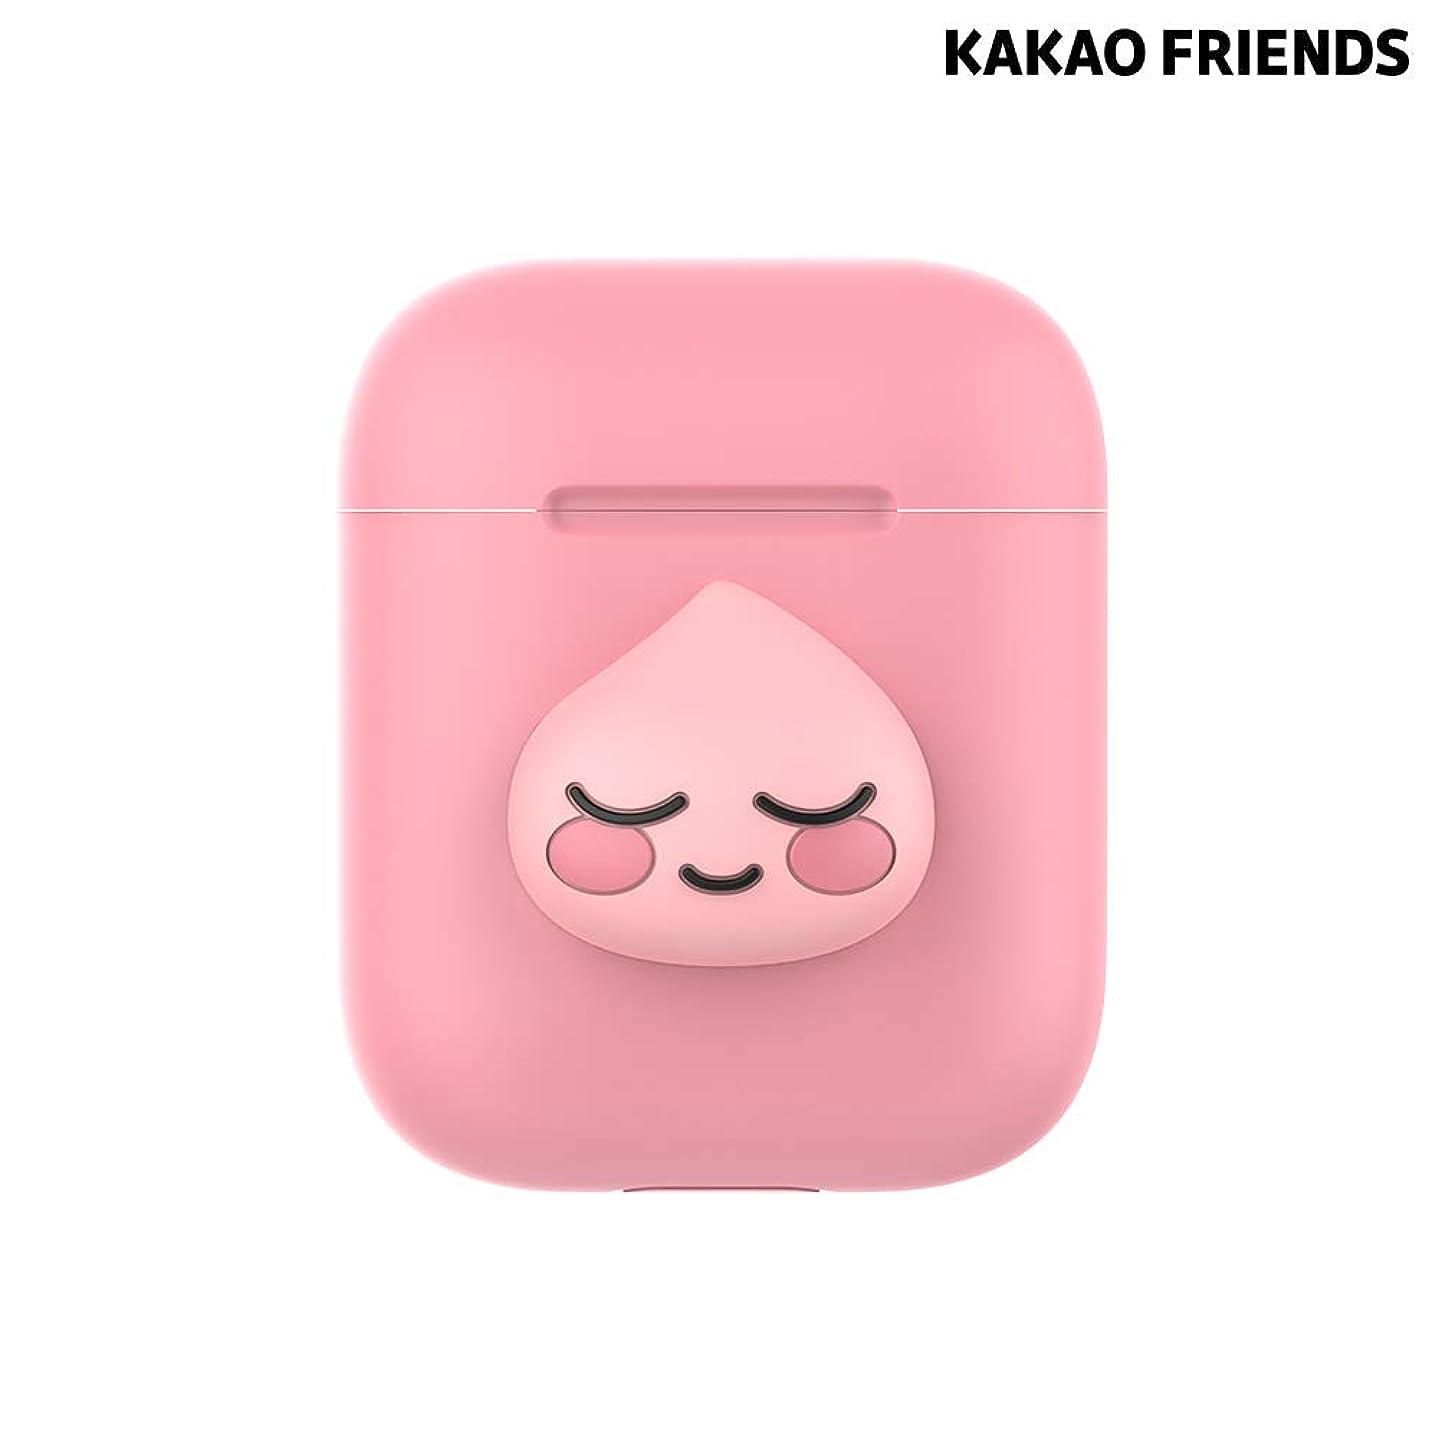 事業内容勝者しみKAKAO FRIENDS Airpod ケース (Pink)